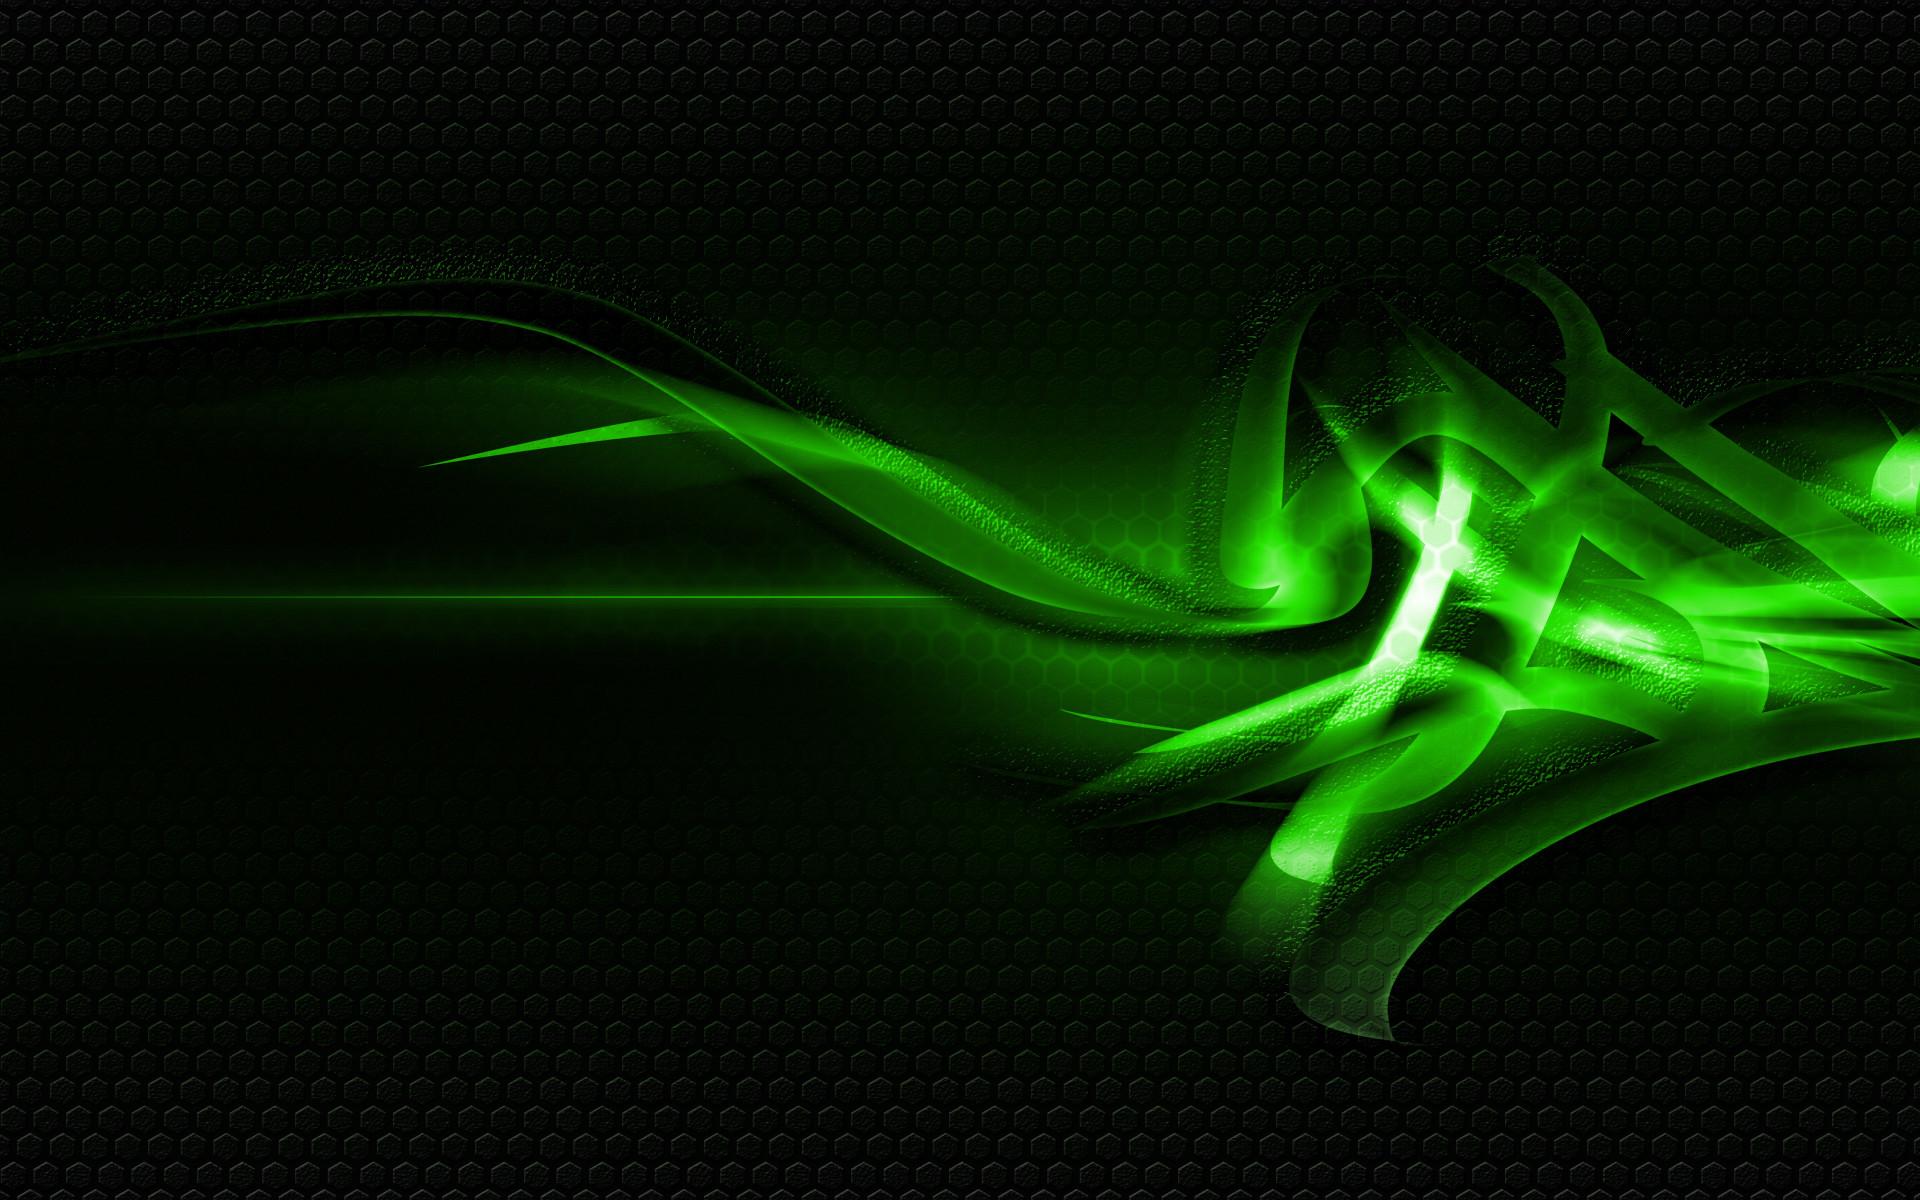 Green Abstract Art (pixel) Popular HD Wallpaper #29895 .